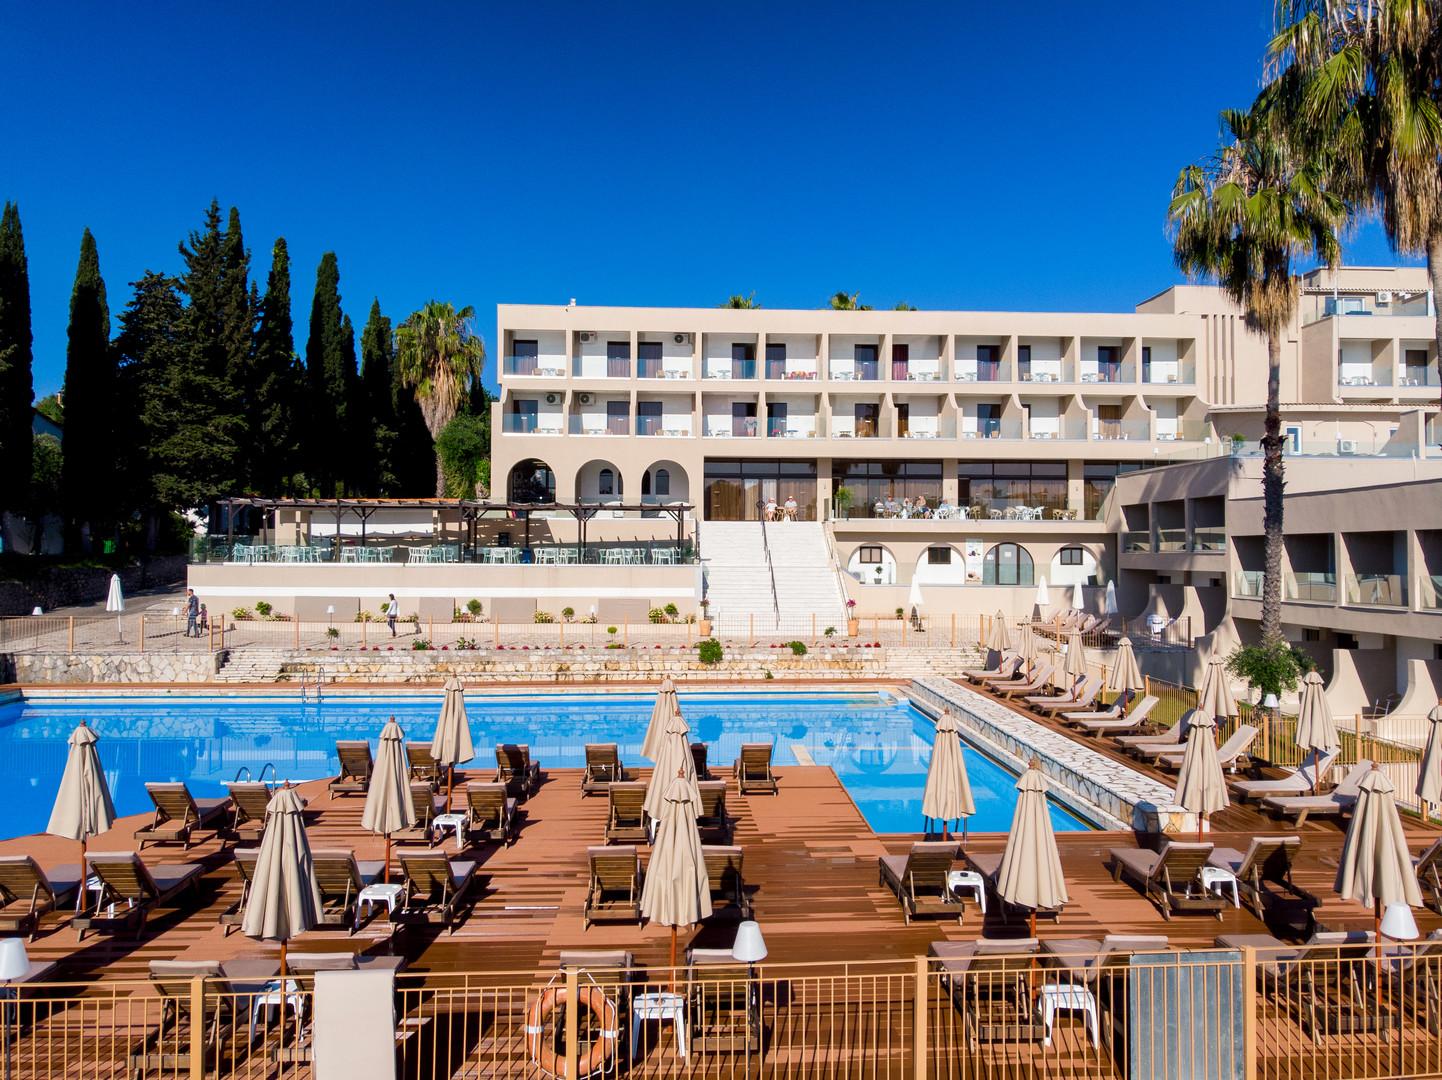 Hotel Magna Graecia #2